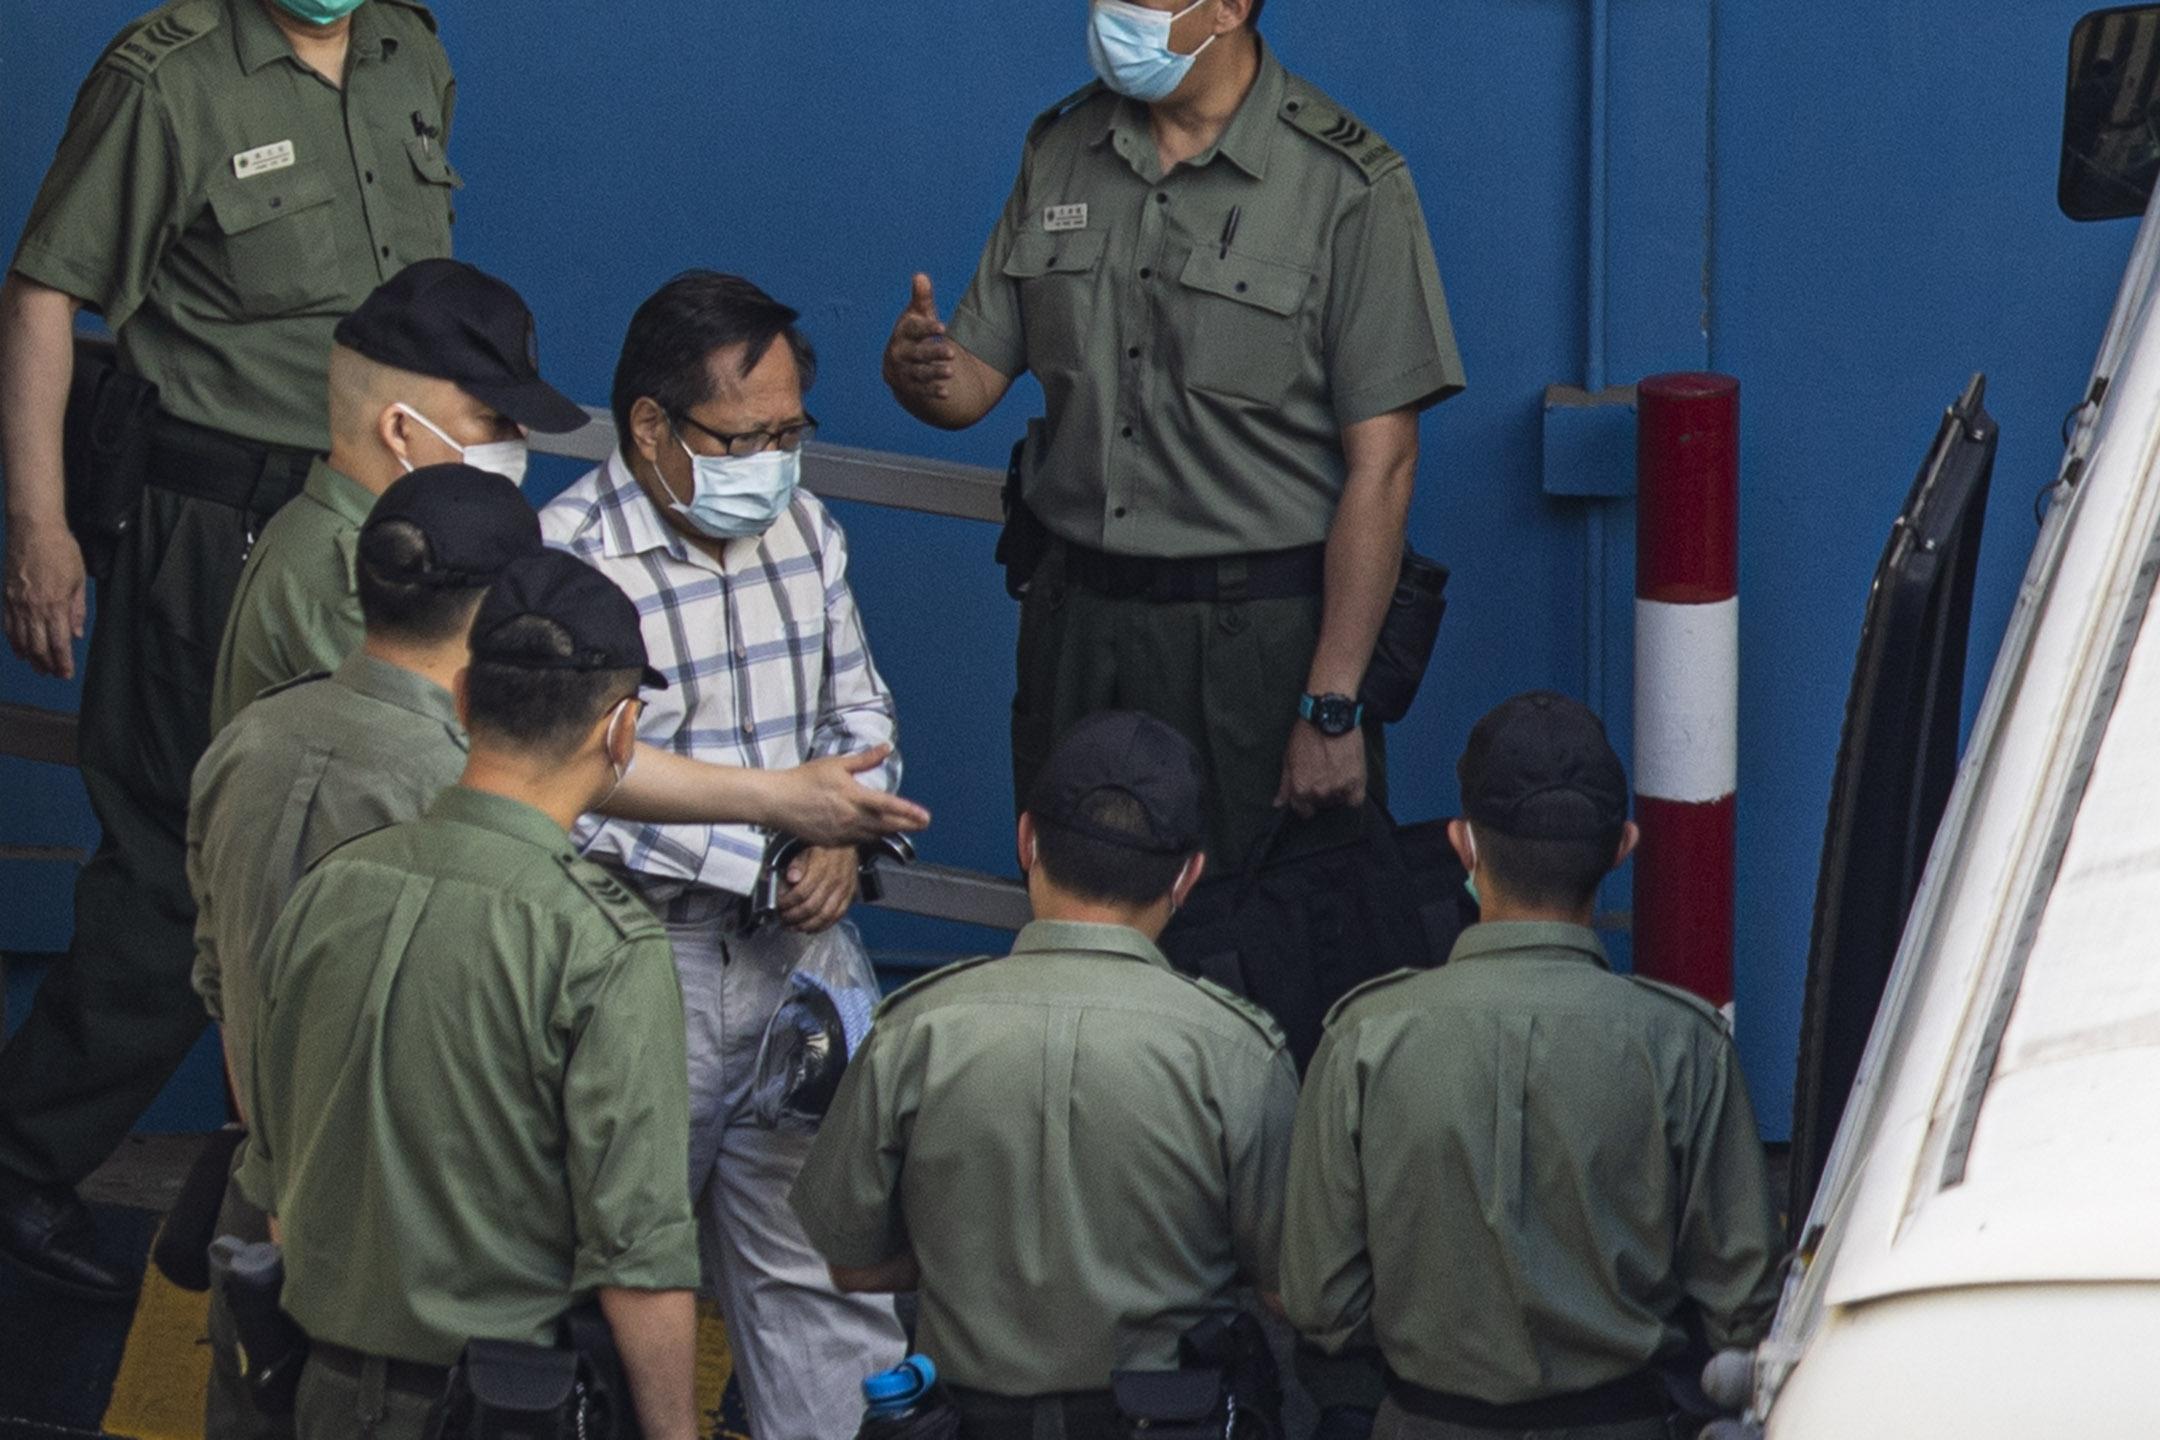 2021年5月28日荔枝角收押所,何俊仁登上囚車押往法院。